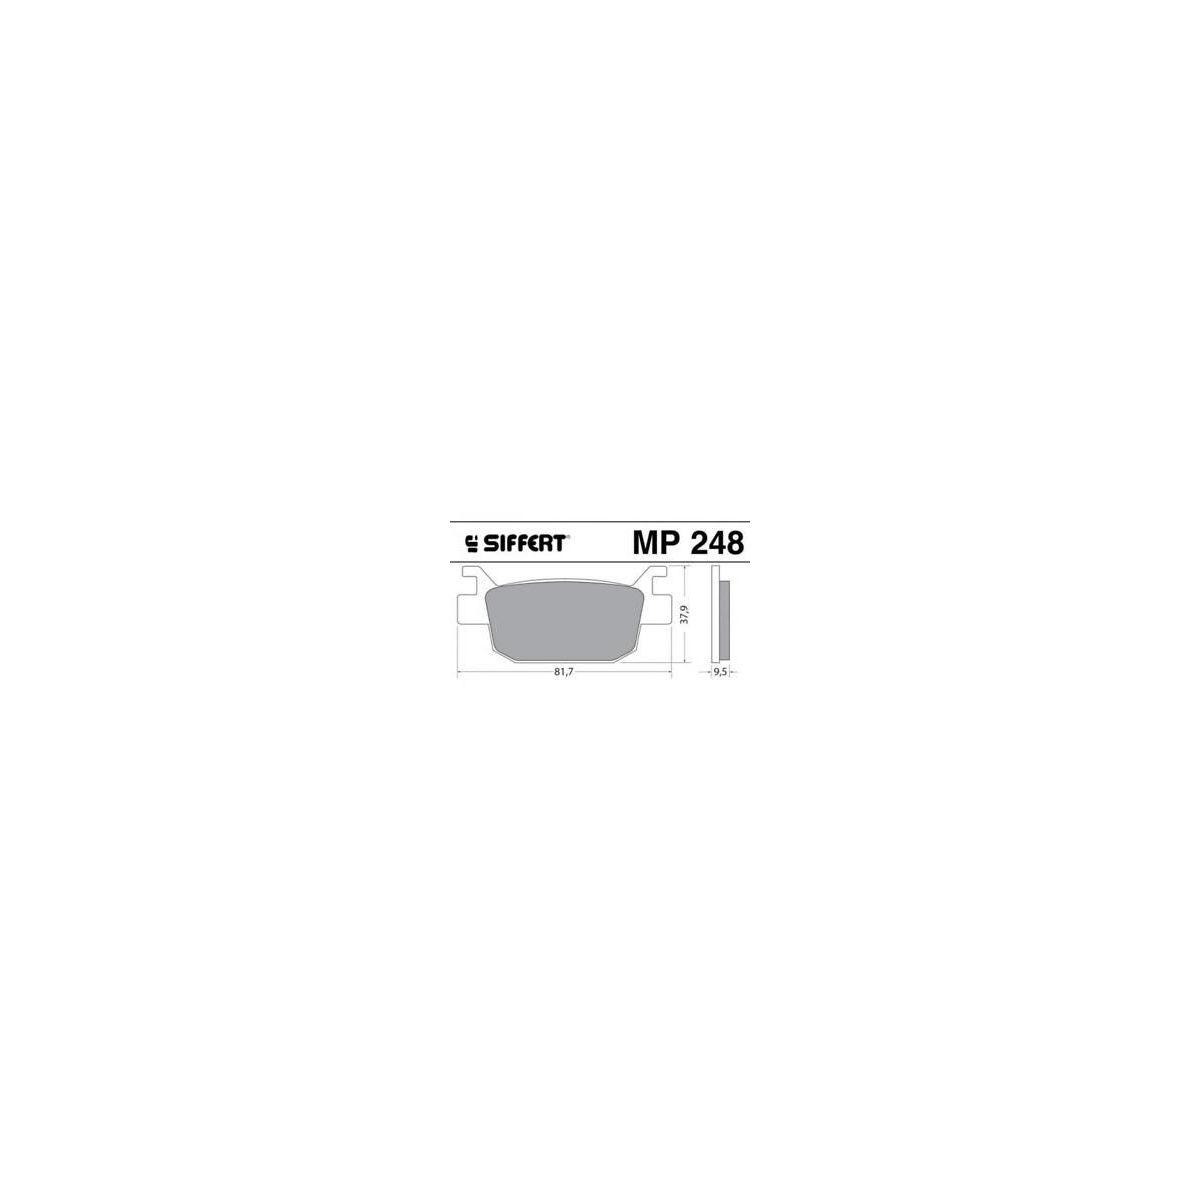 PASTICCHE  PASTIGLIE SIFFERT MP 248 HONDA HONDA NNS 250  Monta Posteriore